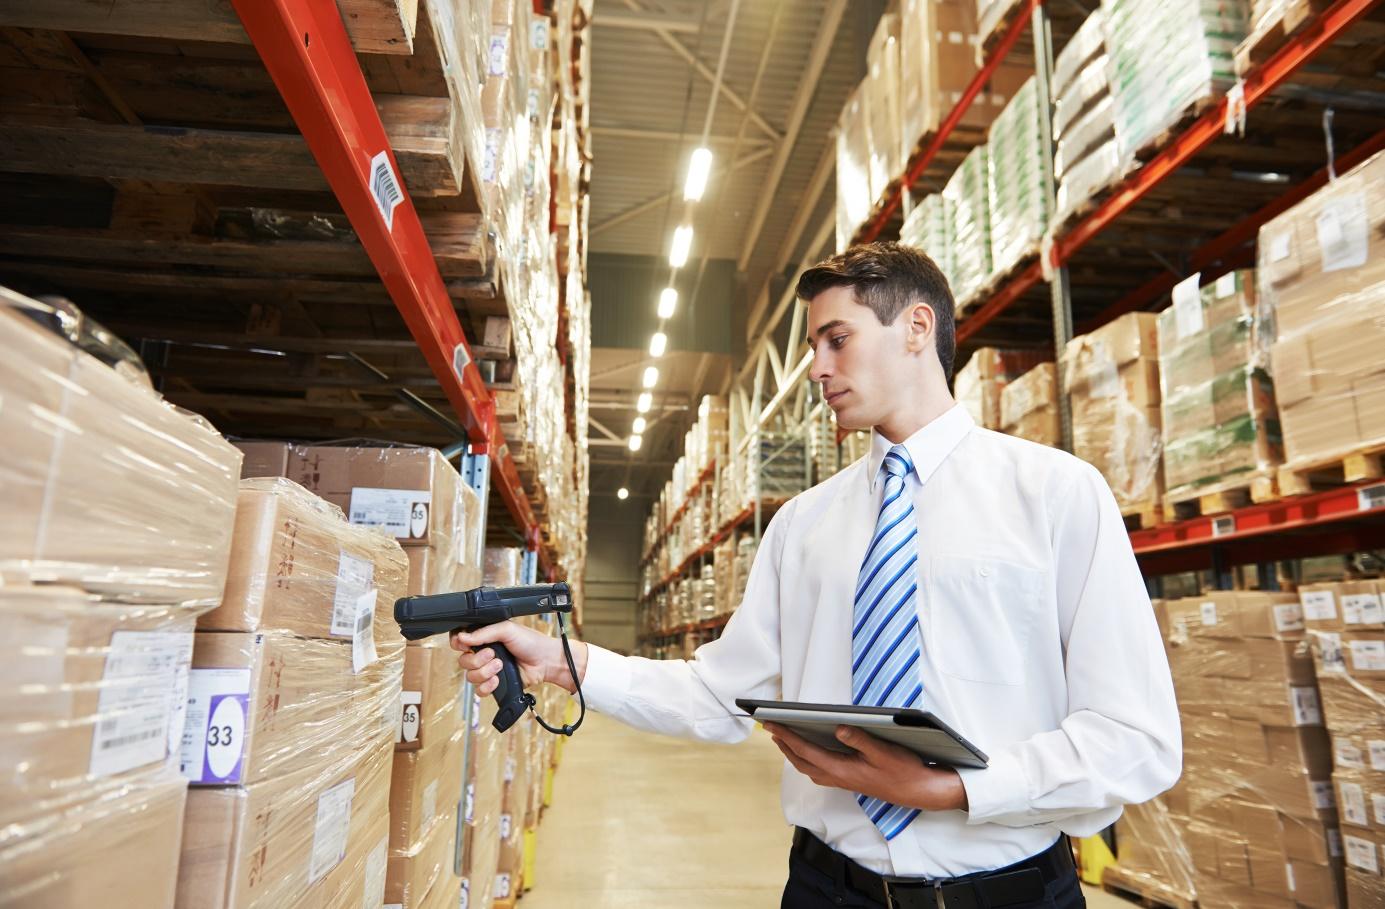 inventaire-entrepôt-lecteur-étiquette-rfid-etui-protection